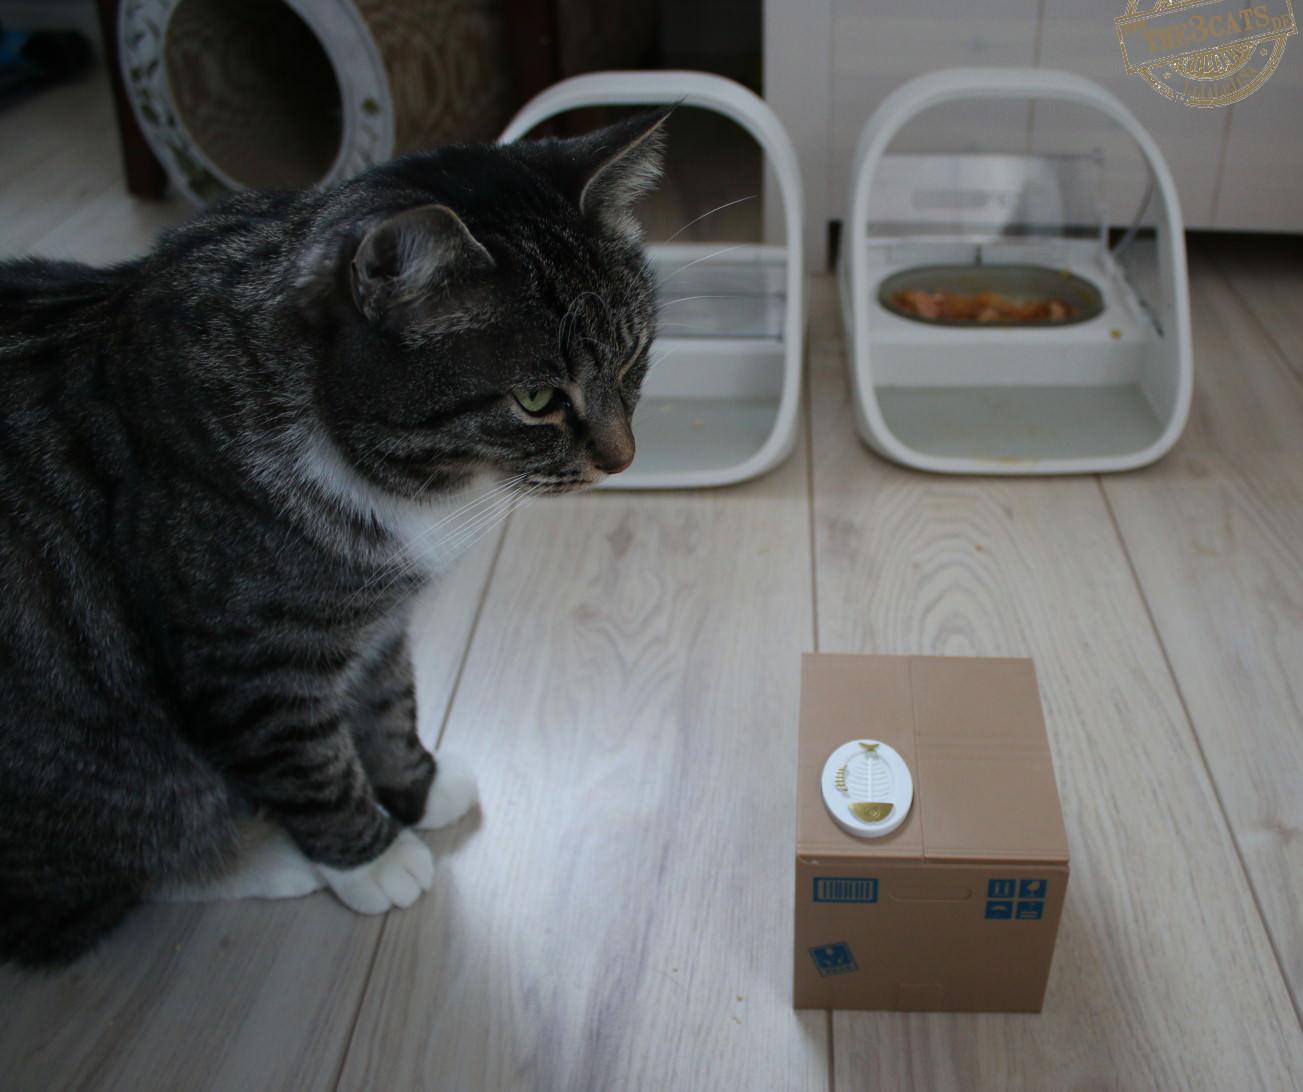 Linus: Meine Spardose, mein Futterautomat [SureFeed Futterautomat Teil 1]